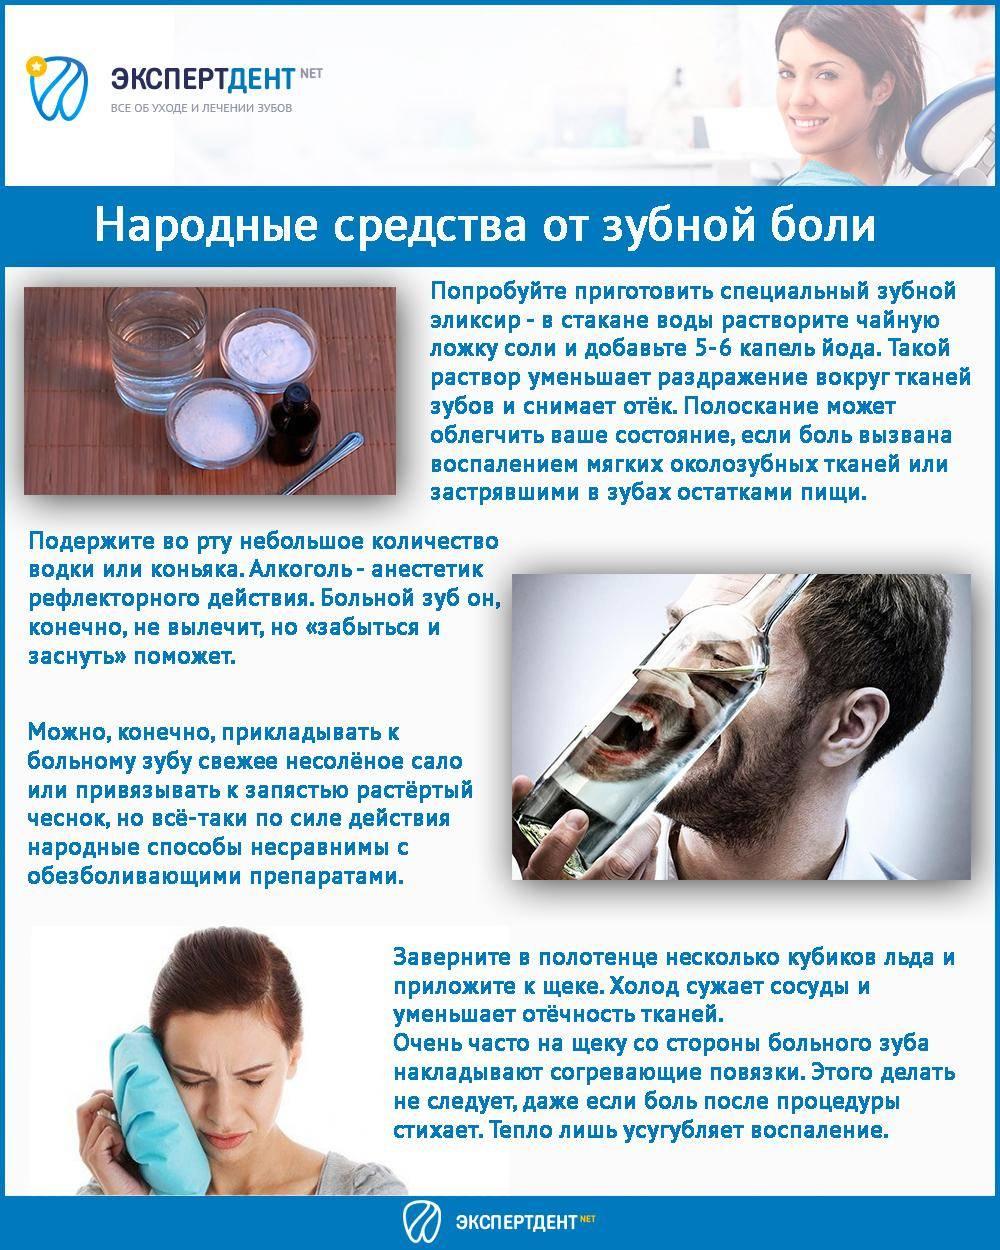 Обезболивающие при беременности при зубной боли - какие можно